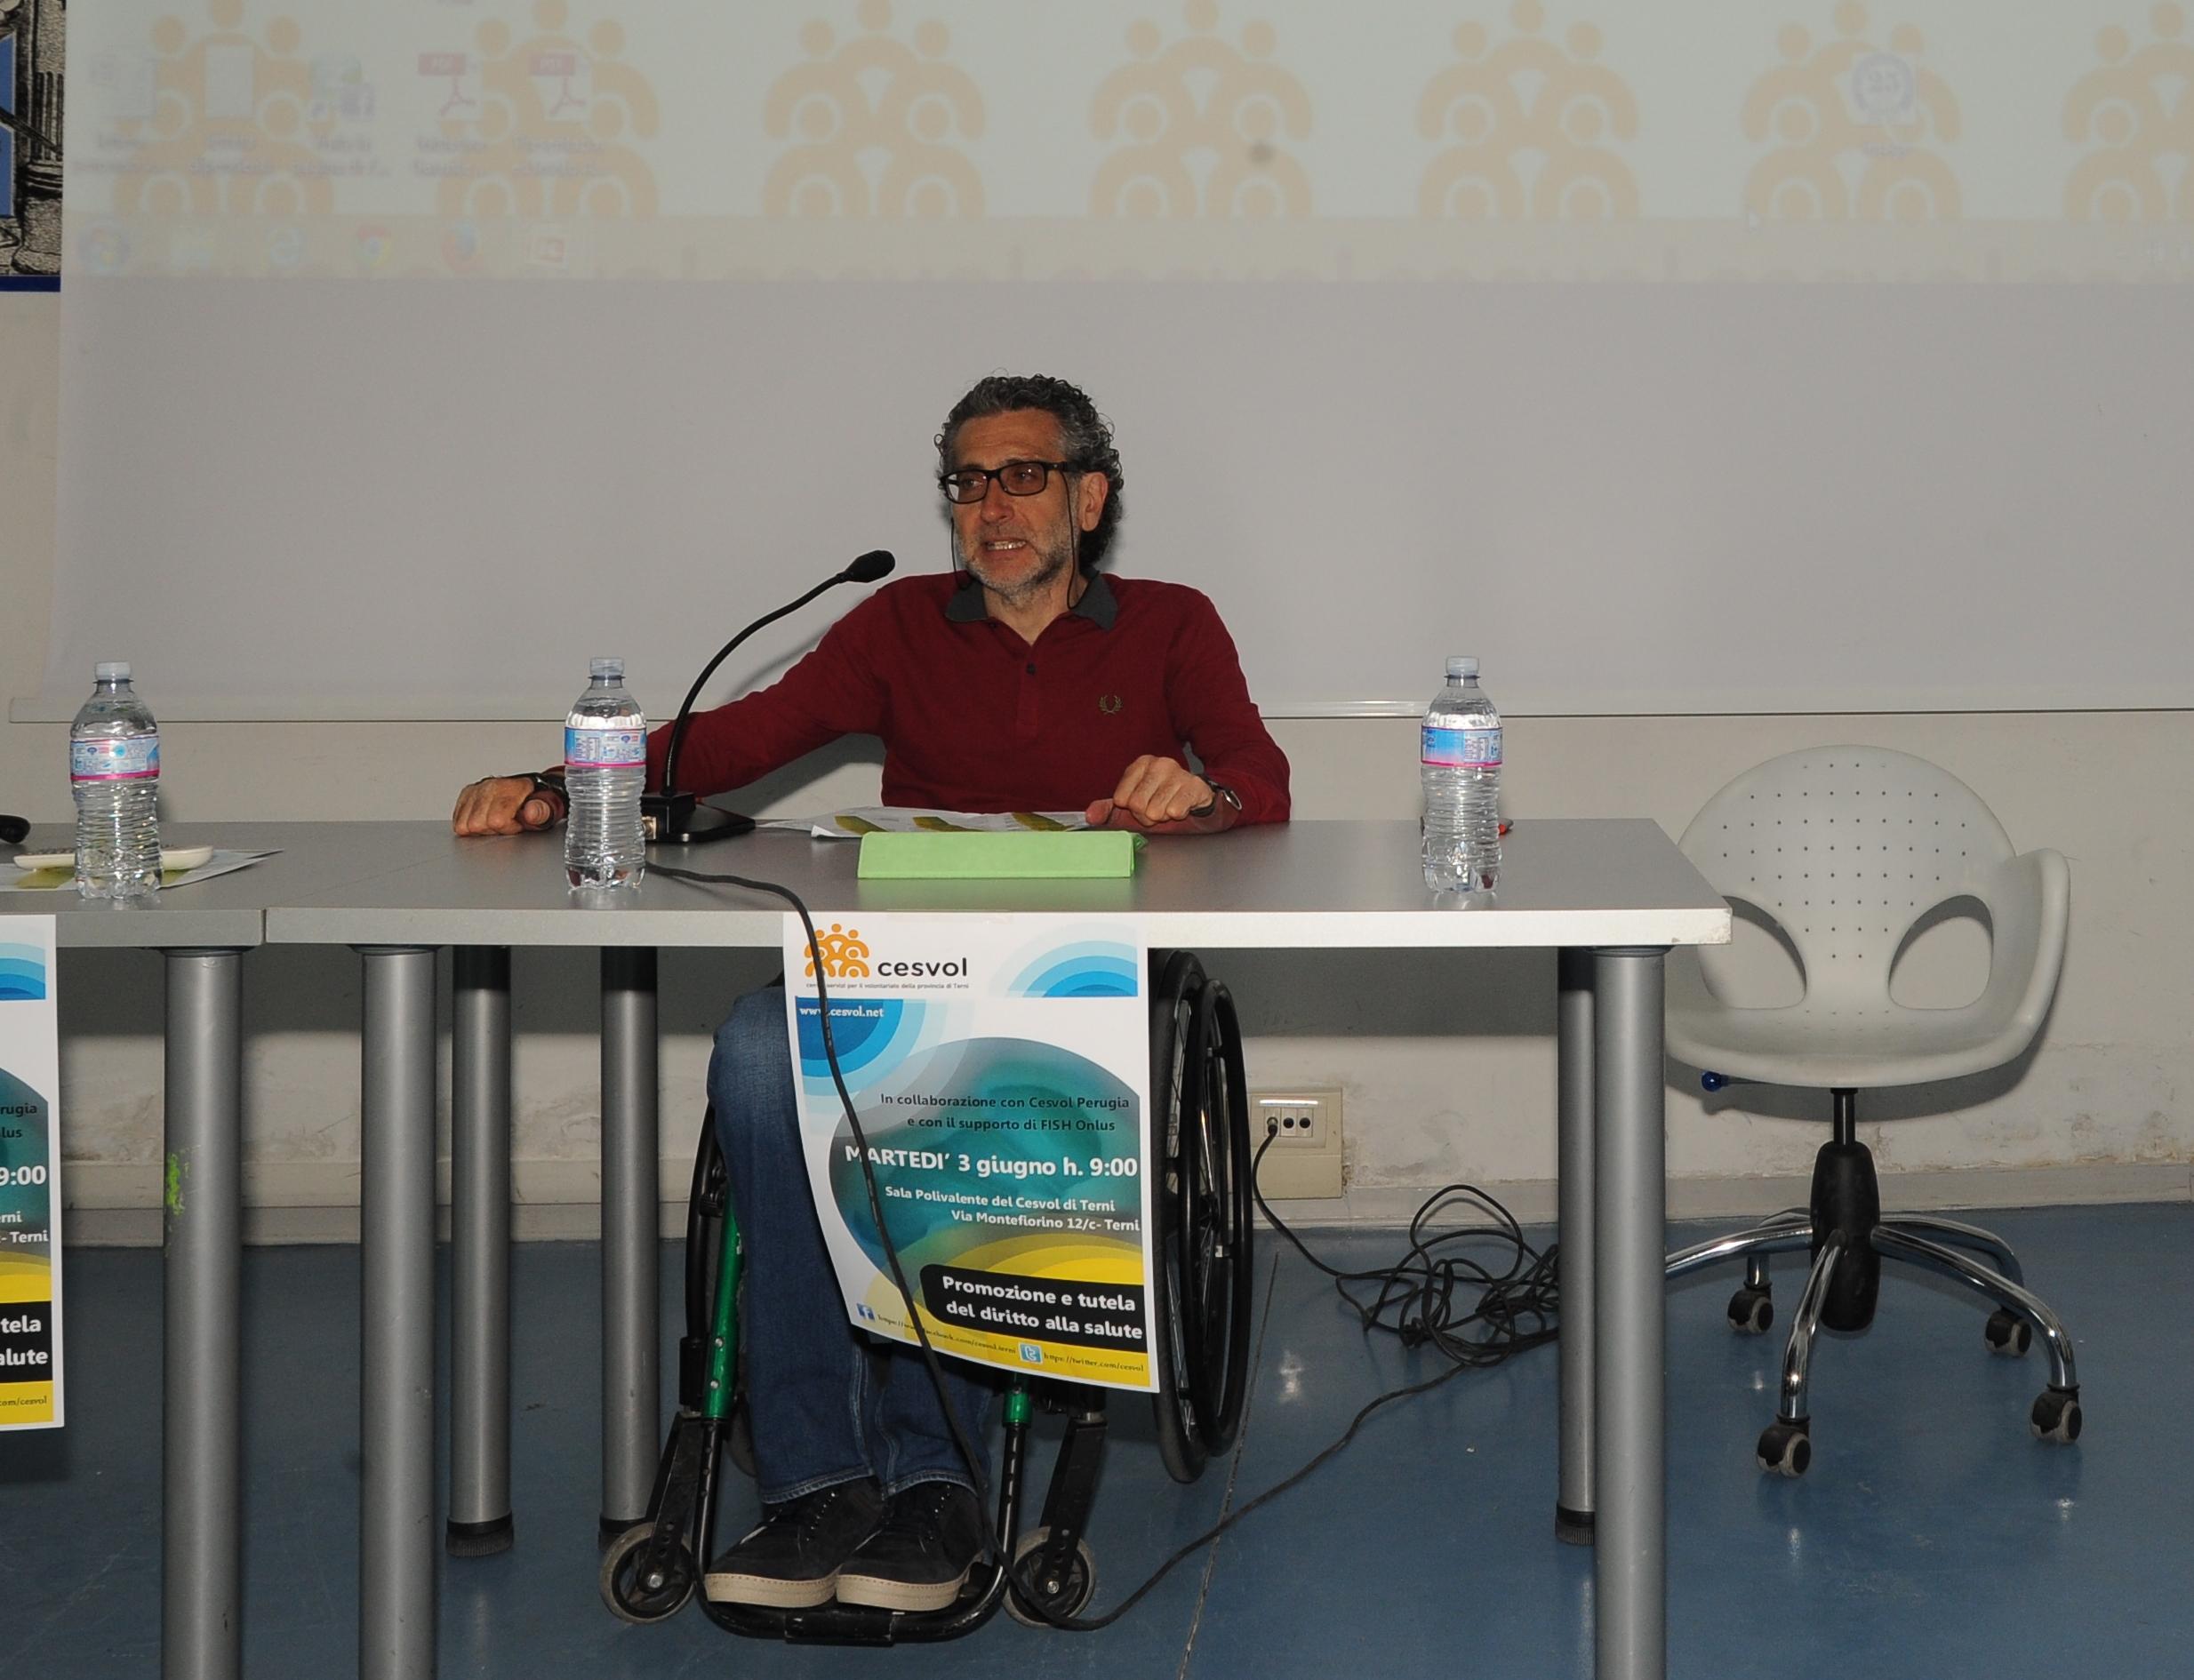 Attività all'aperto per le persone con disabilità: Il Centro per l'Autonomia Umbro apre i suoi spazi esterni